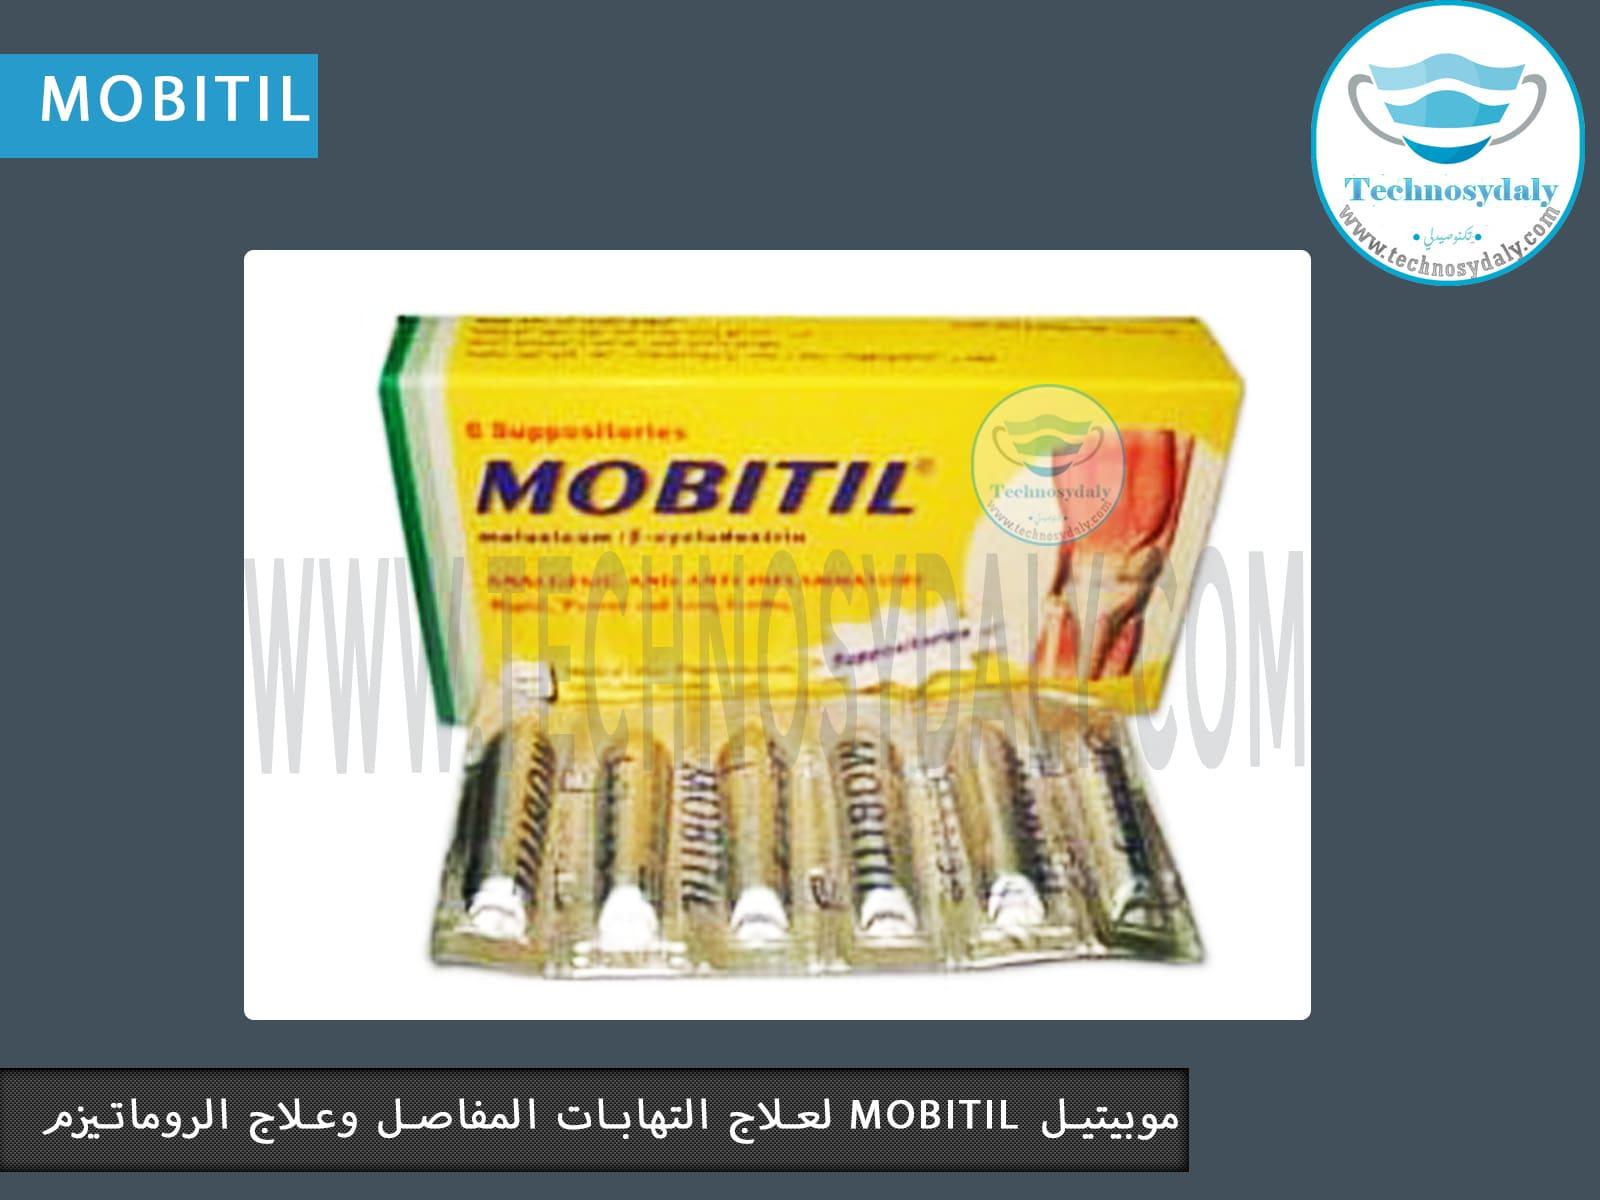 موبيتيل لبوس mobitil لعلاج التهابات المفاصل وعلاج الروماتيزم